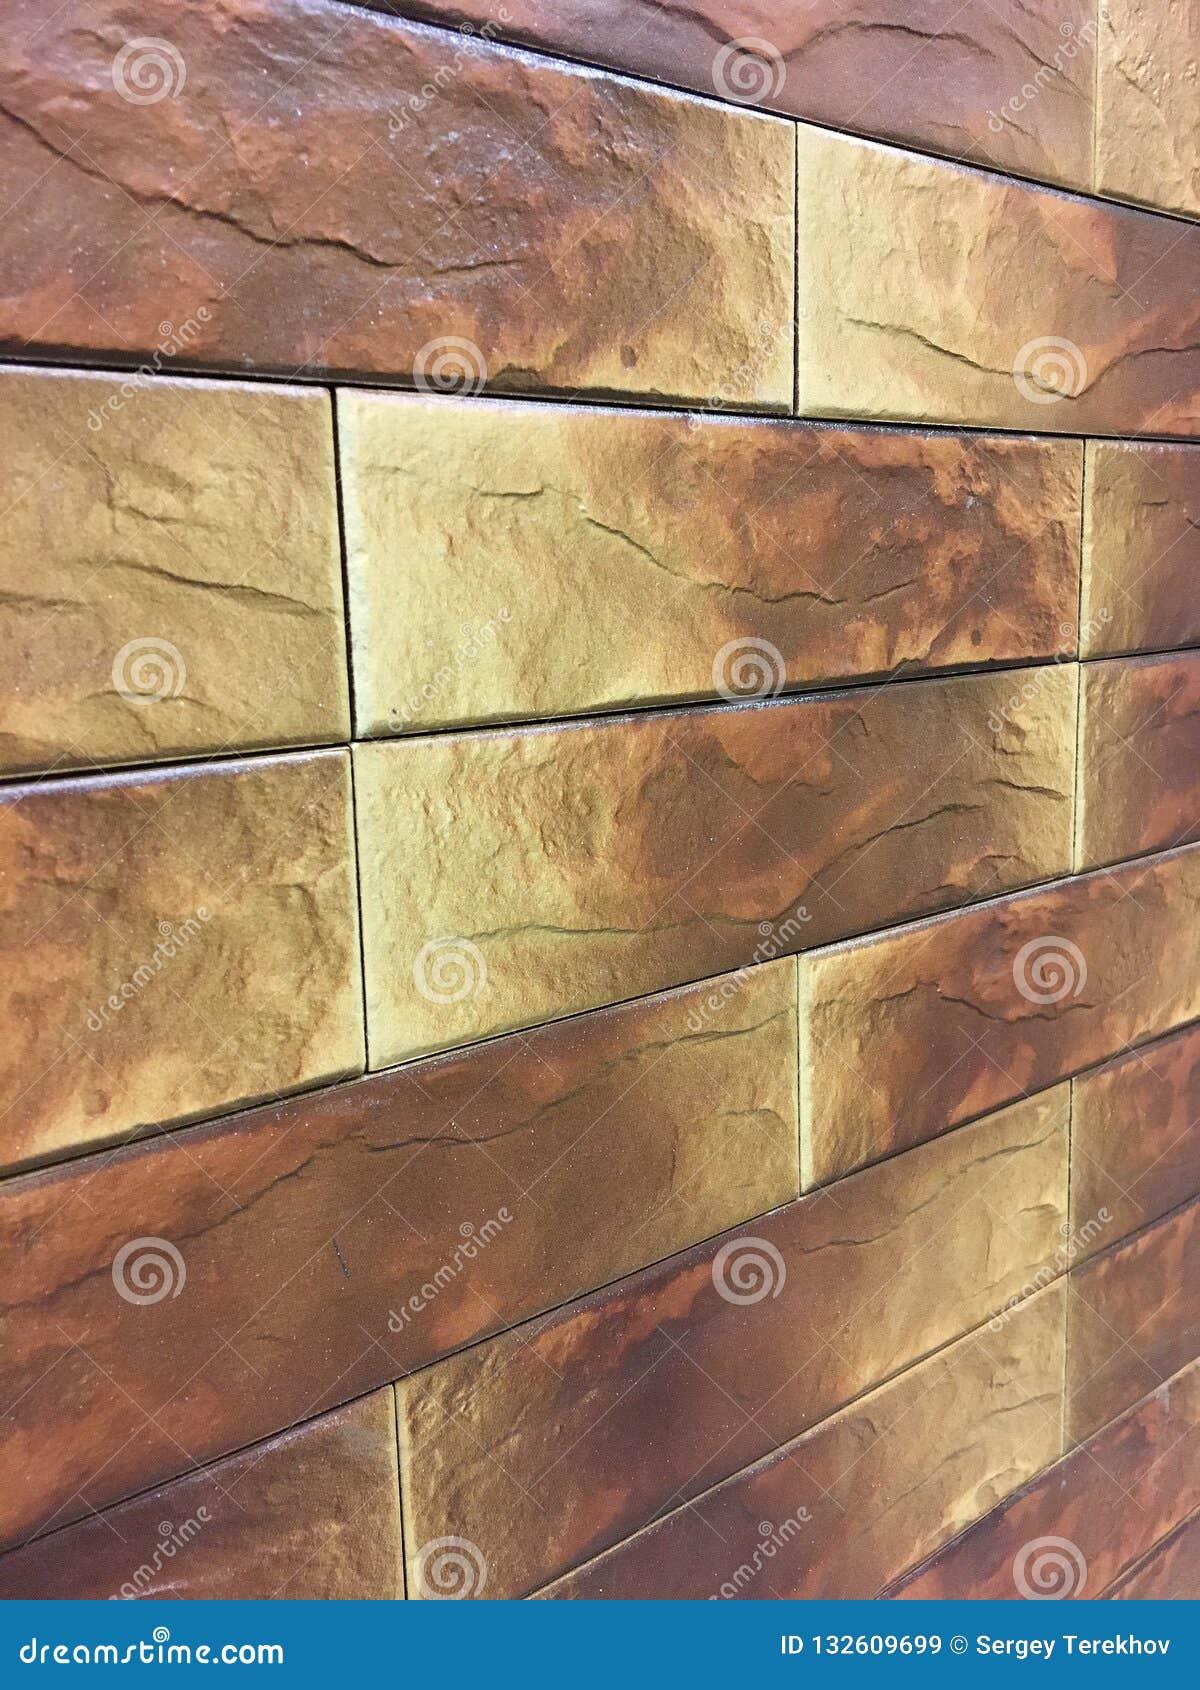 Kunstmatige steen Decoratieve muur van kunstmatige gescheurde steen Steenmetselwerk in geometrisch patroon als achtergrond of tex